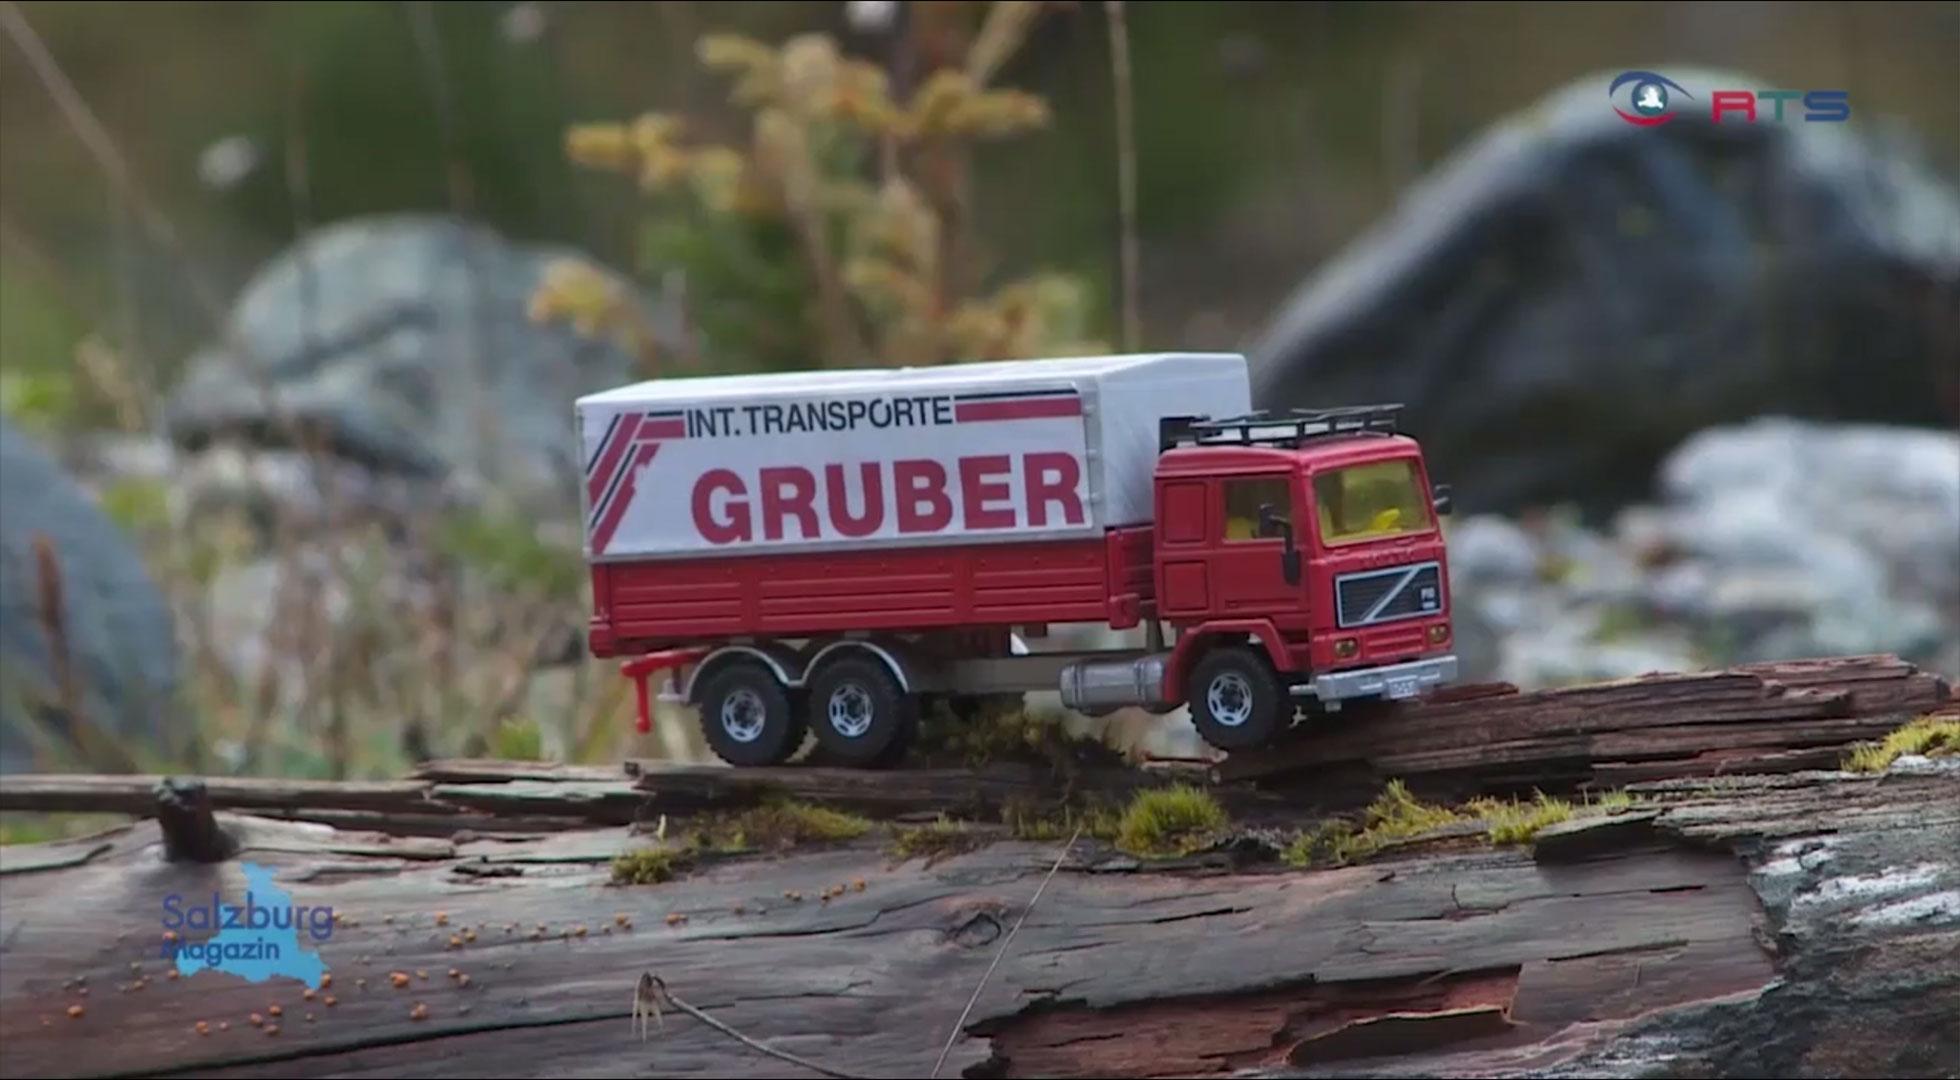 Gruber-Transporte Lungau von RTS Salzburg